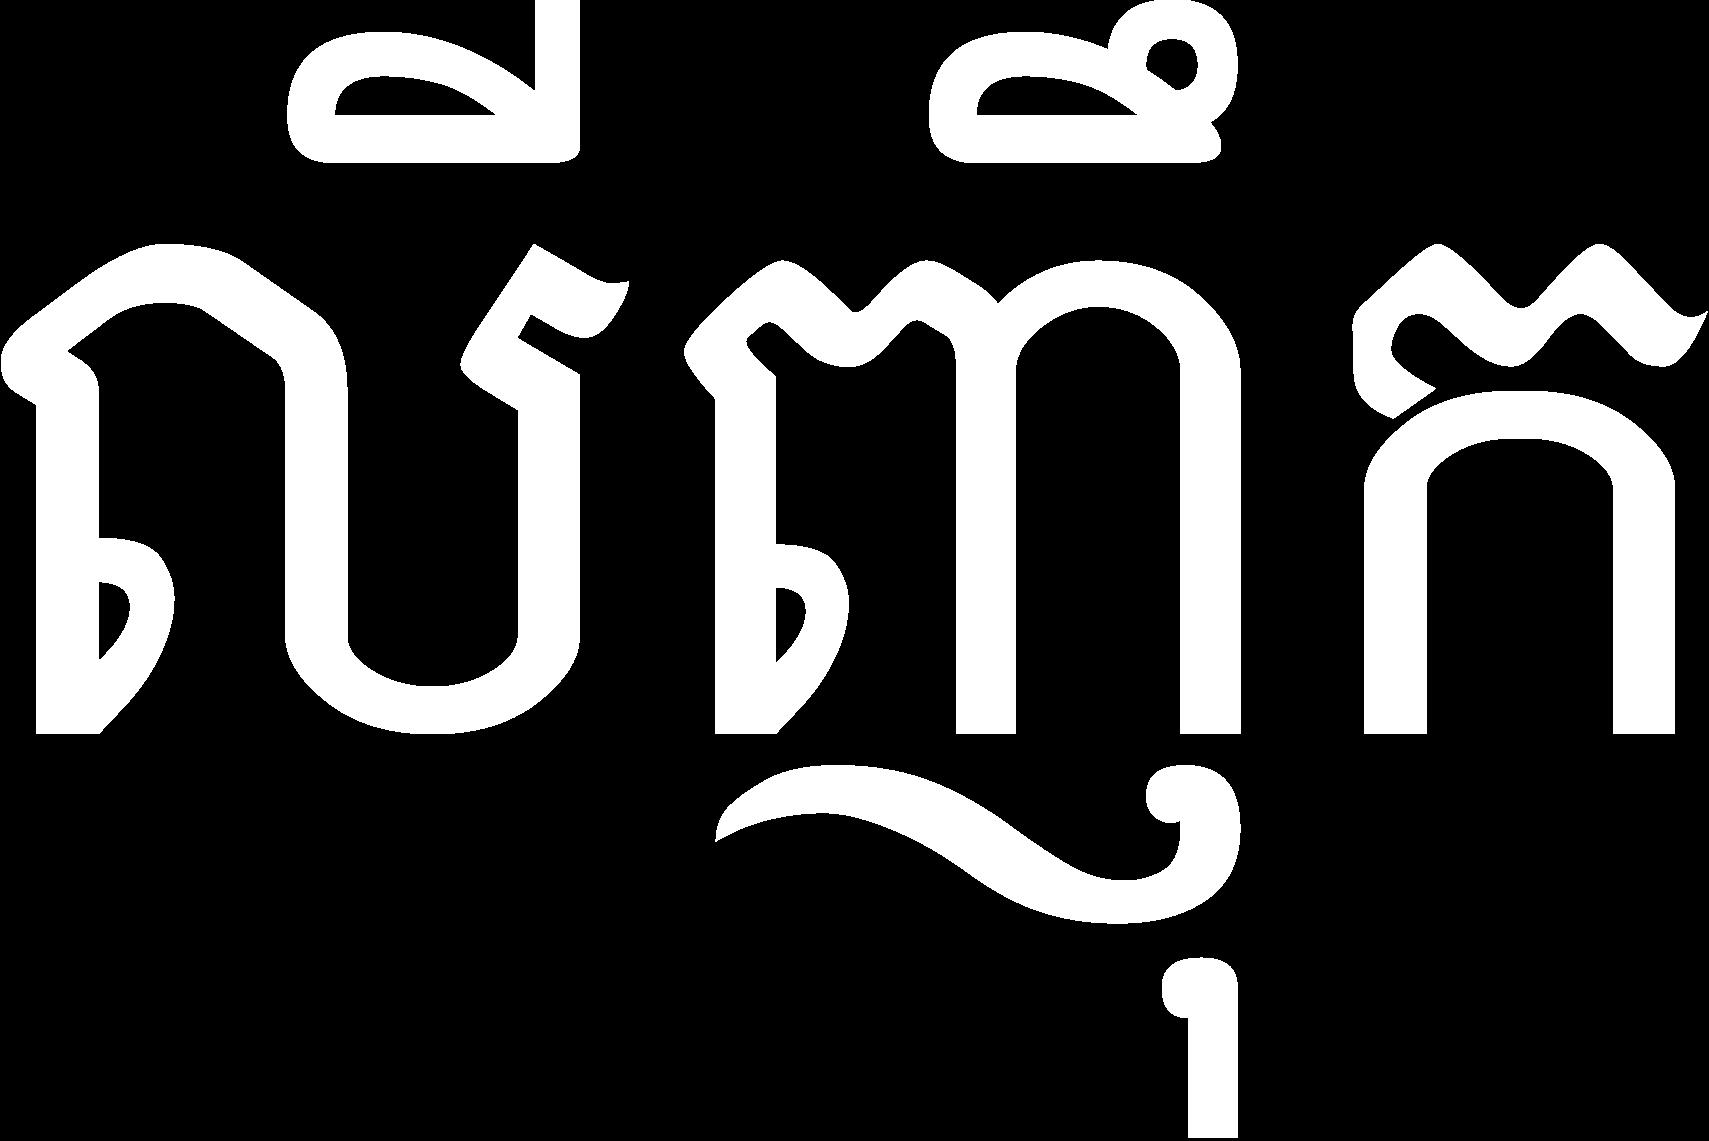 logo written in Khmer